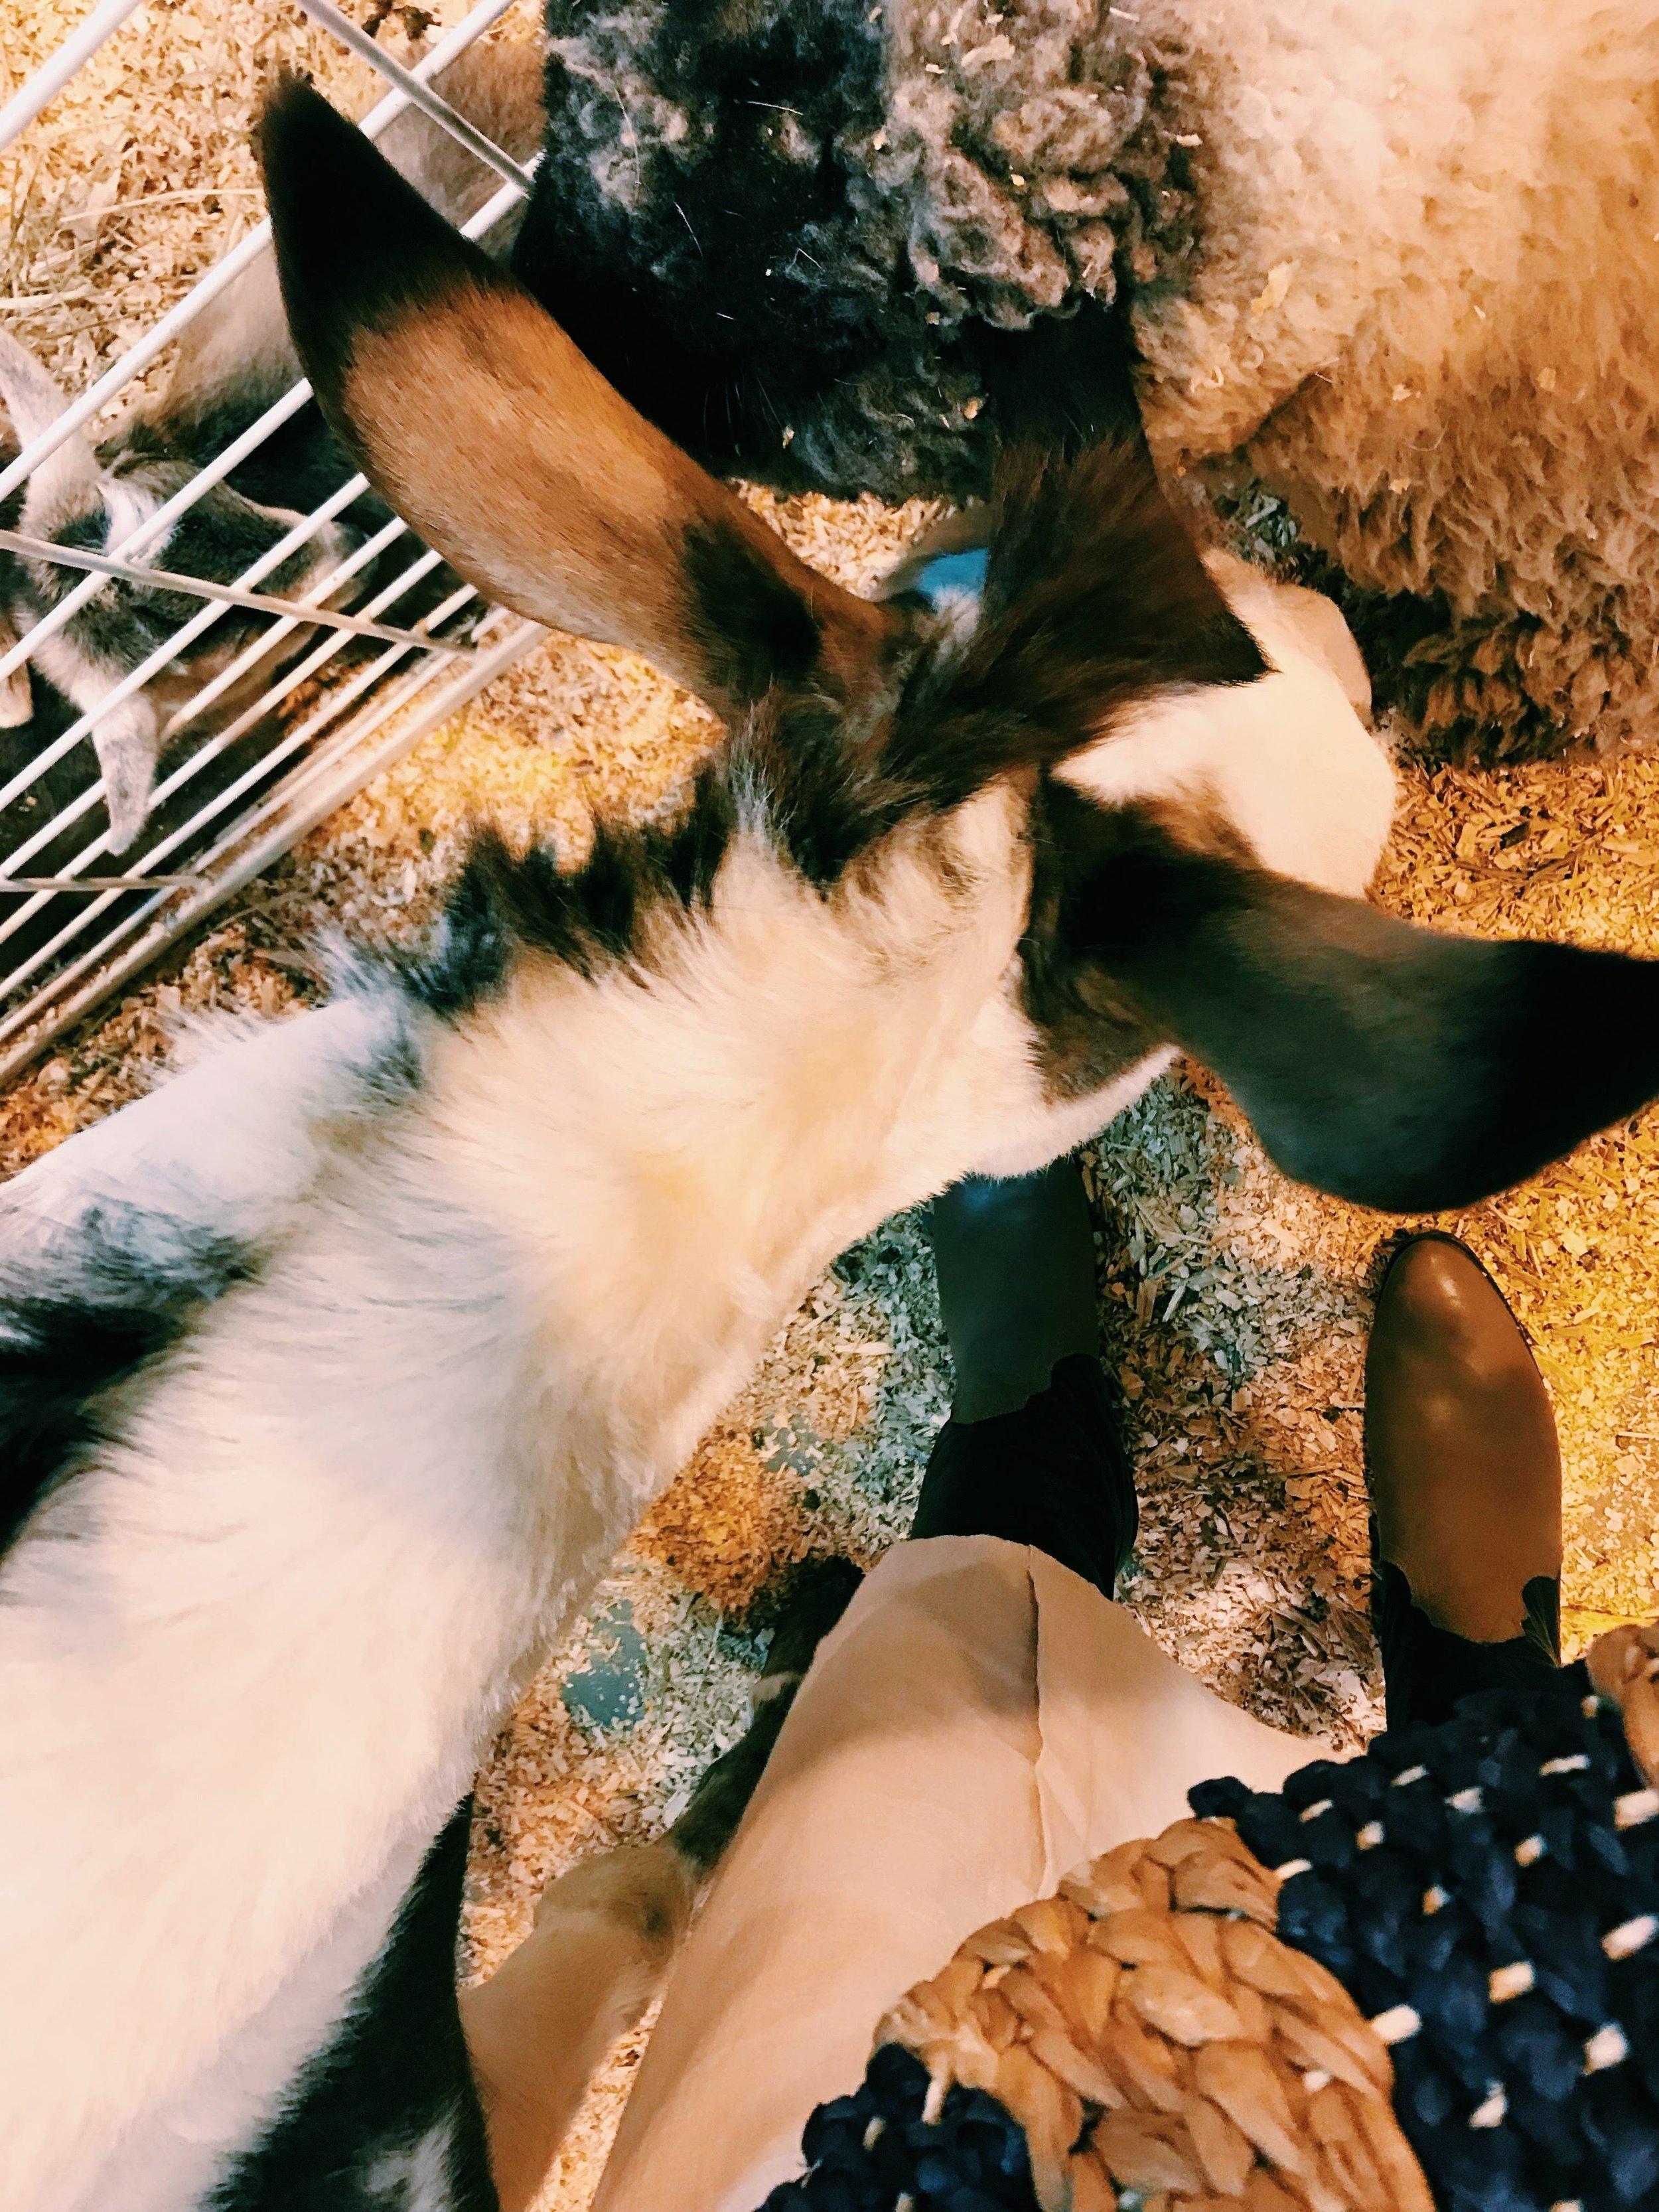 Three Heel Clicks - Houston Hotspots - The Rodeo (23).jpg